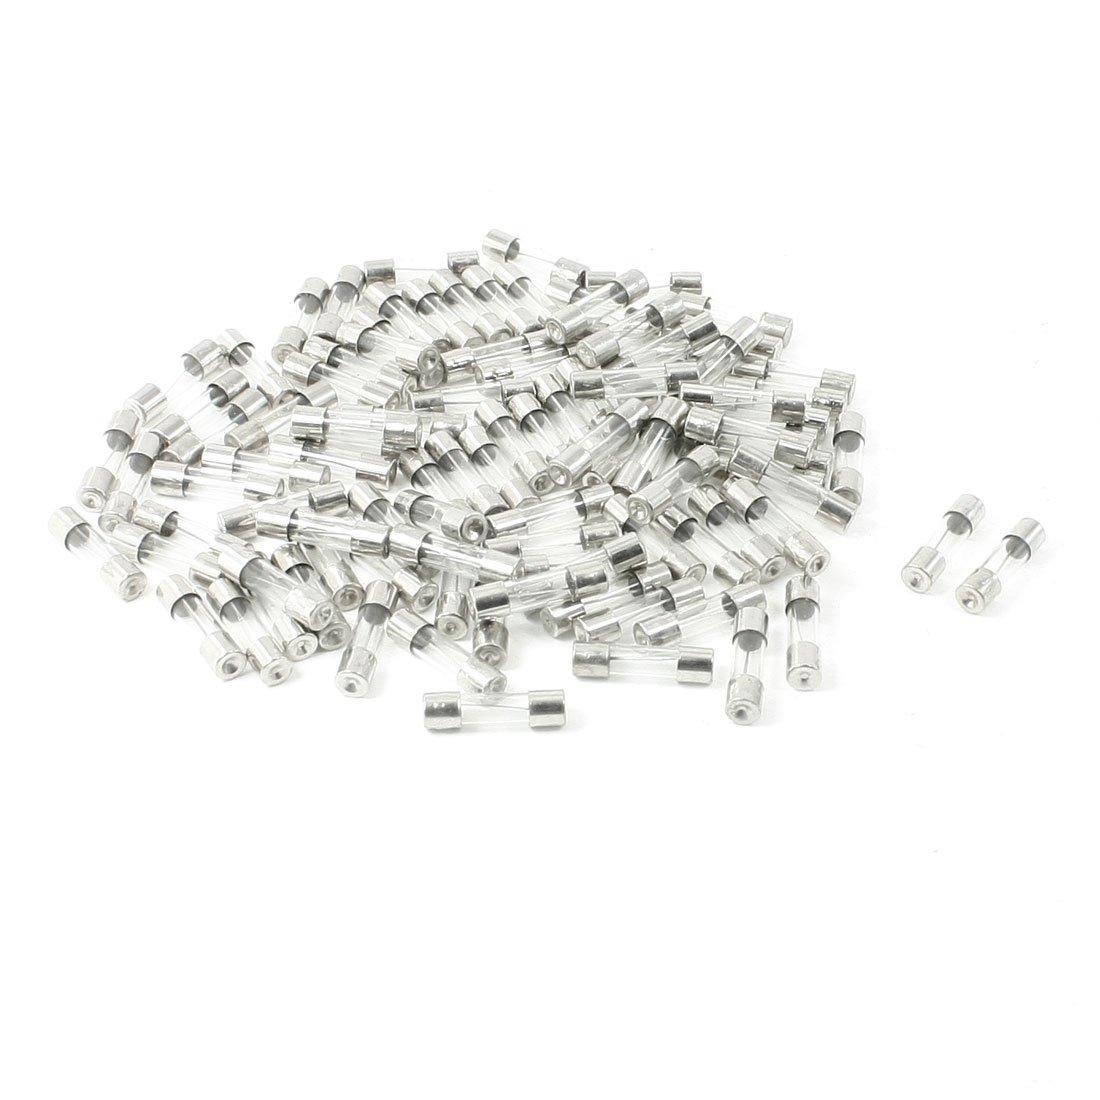 100 unidades a 250 voltios 20 amperios tubo tipo de fusi/ón r/ápida vidrio fusibles 5 x 20 mm Sourcingmap